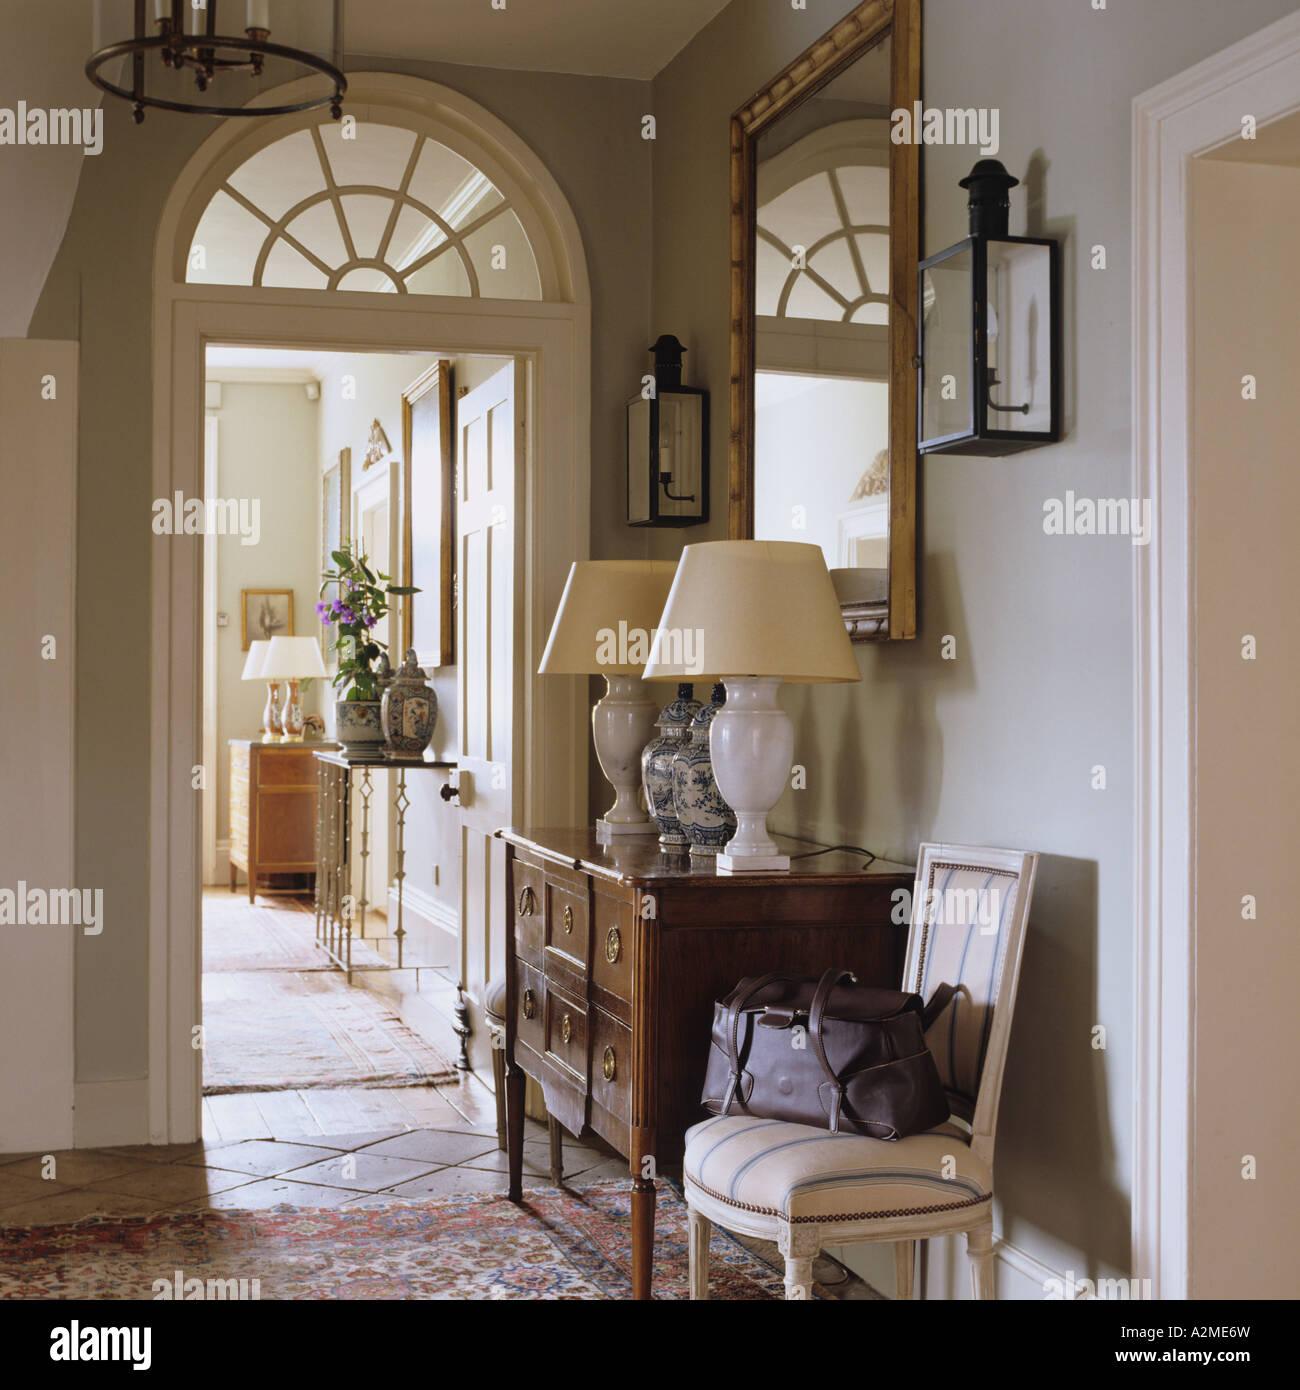 couloir de l 39 anglais country house avec commode lampes et porte en arc banque d 39 images photo. Black Bedroom Furniture Sets. Home Design Ideas